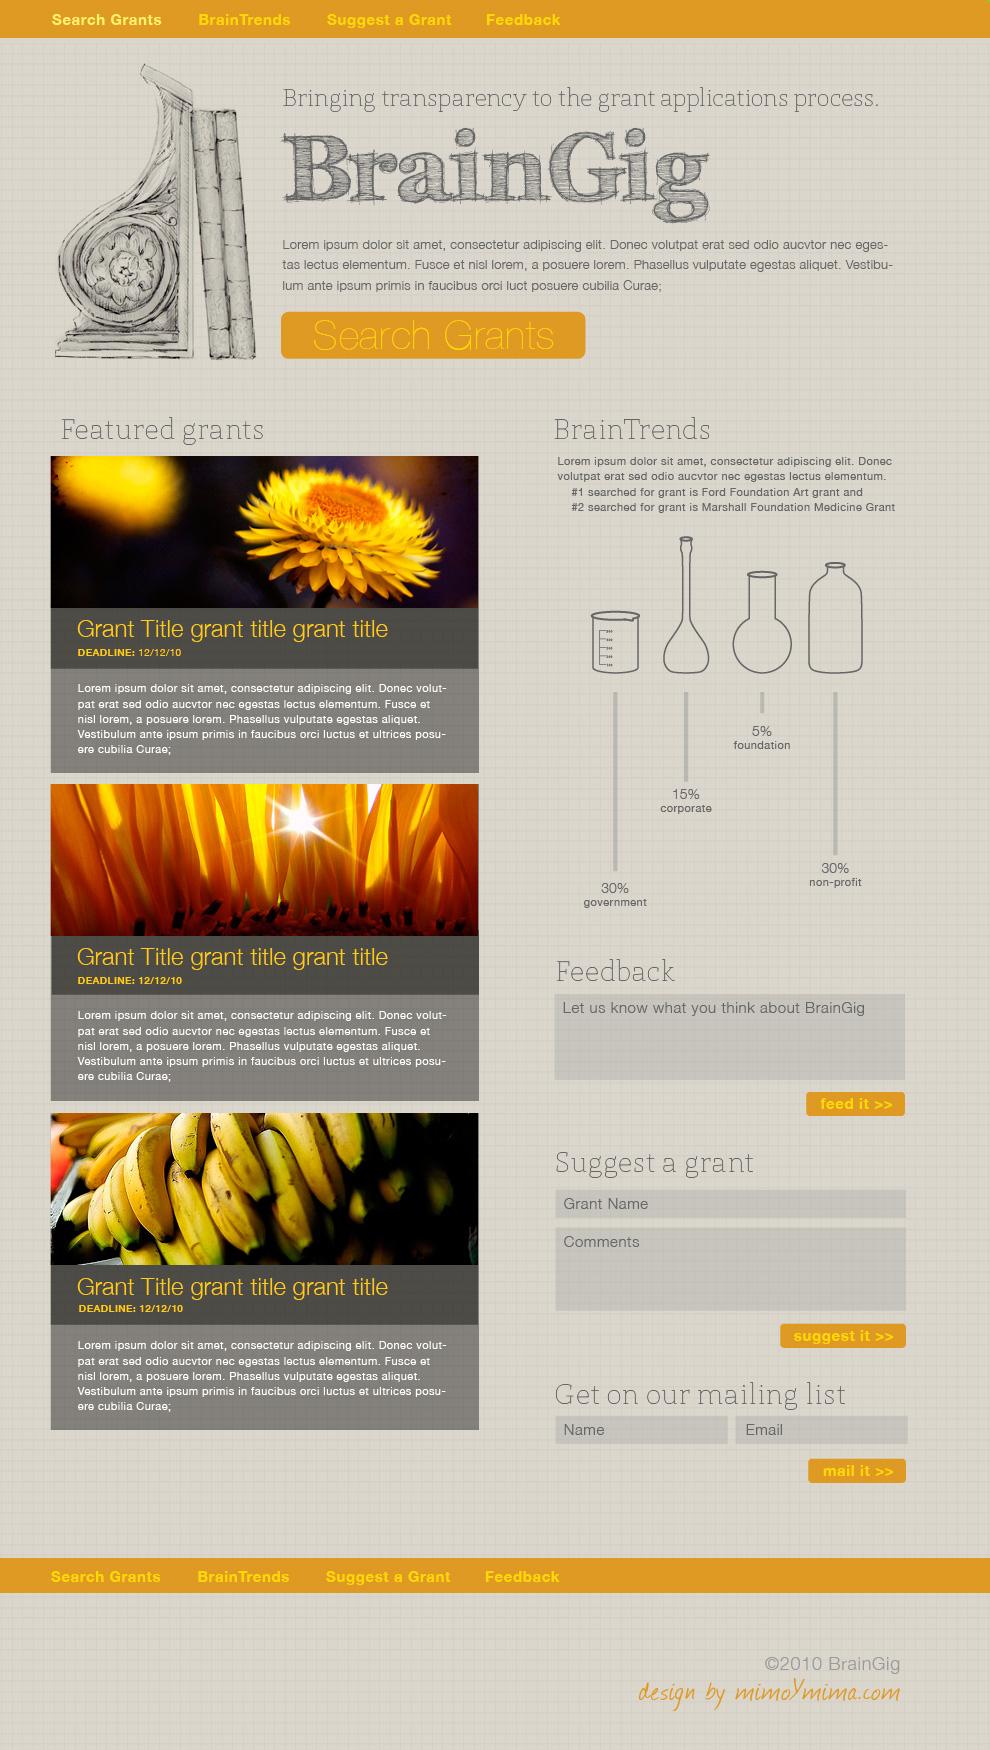 braingig_homepage